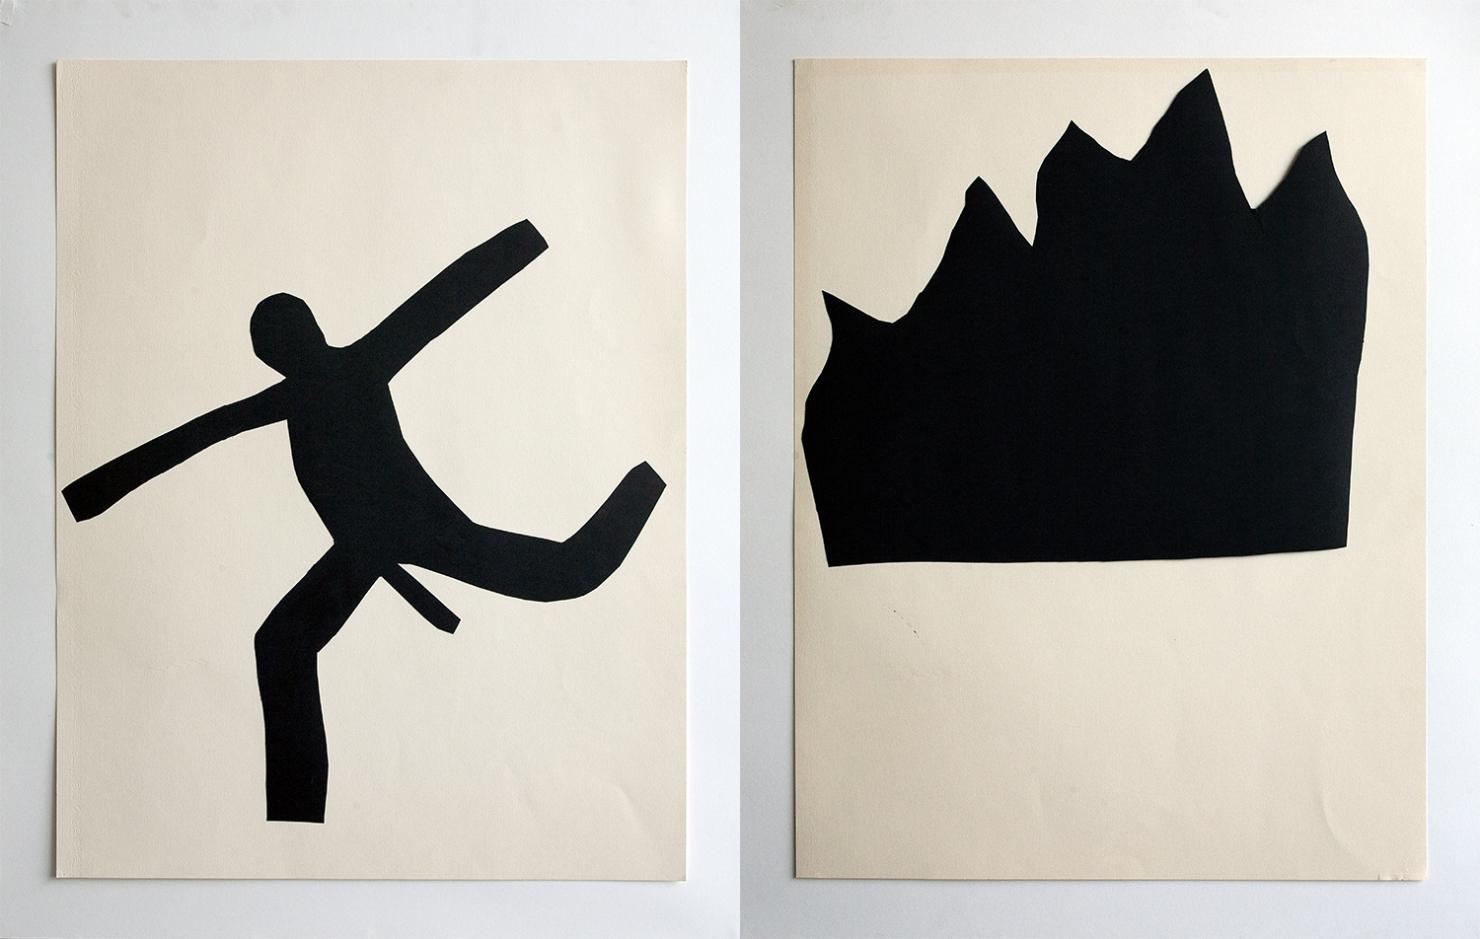 Avventura - 1985